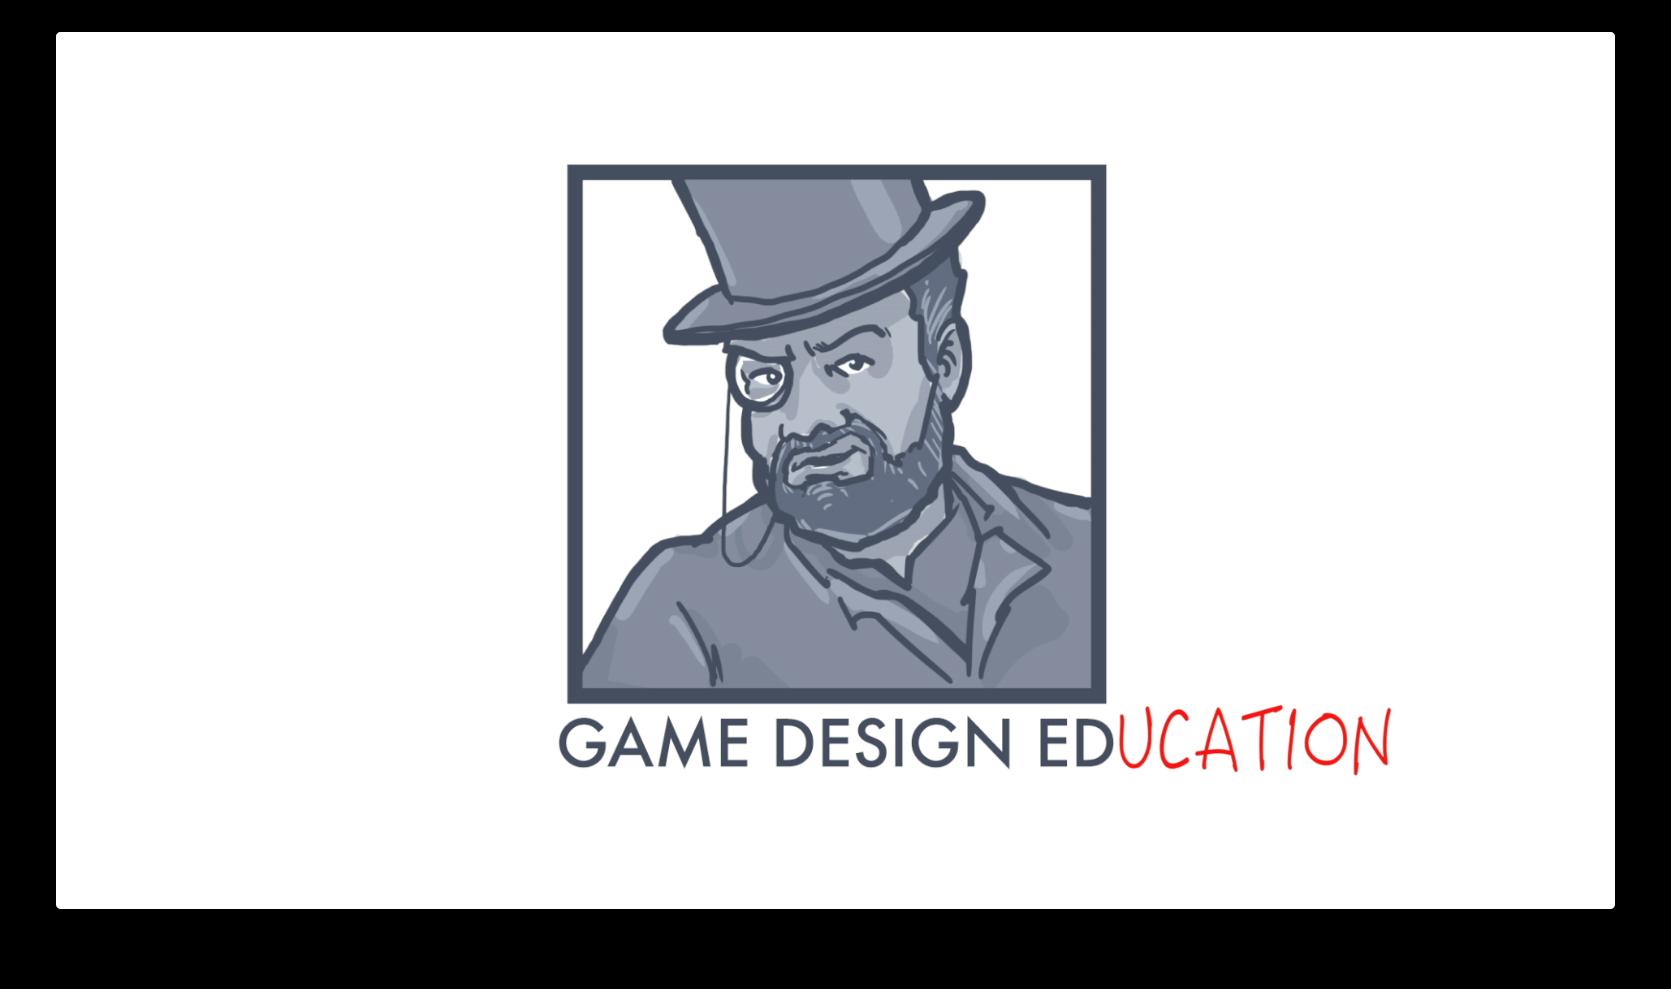 GameDesignEducation